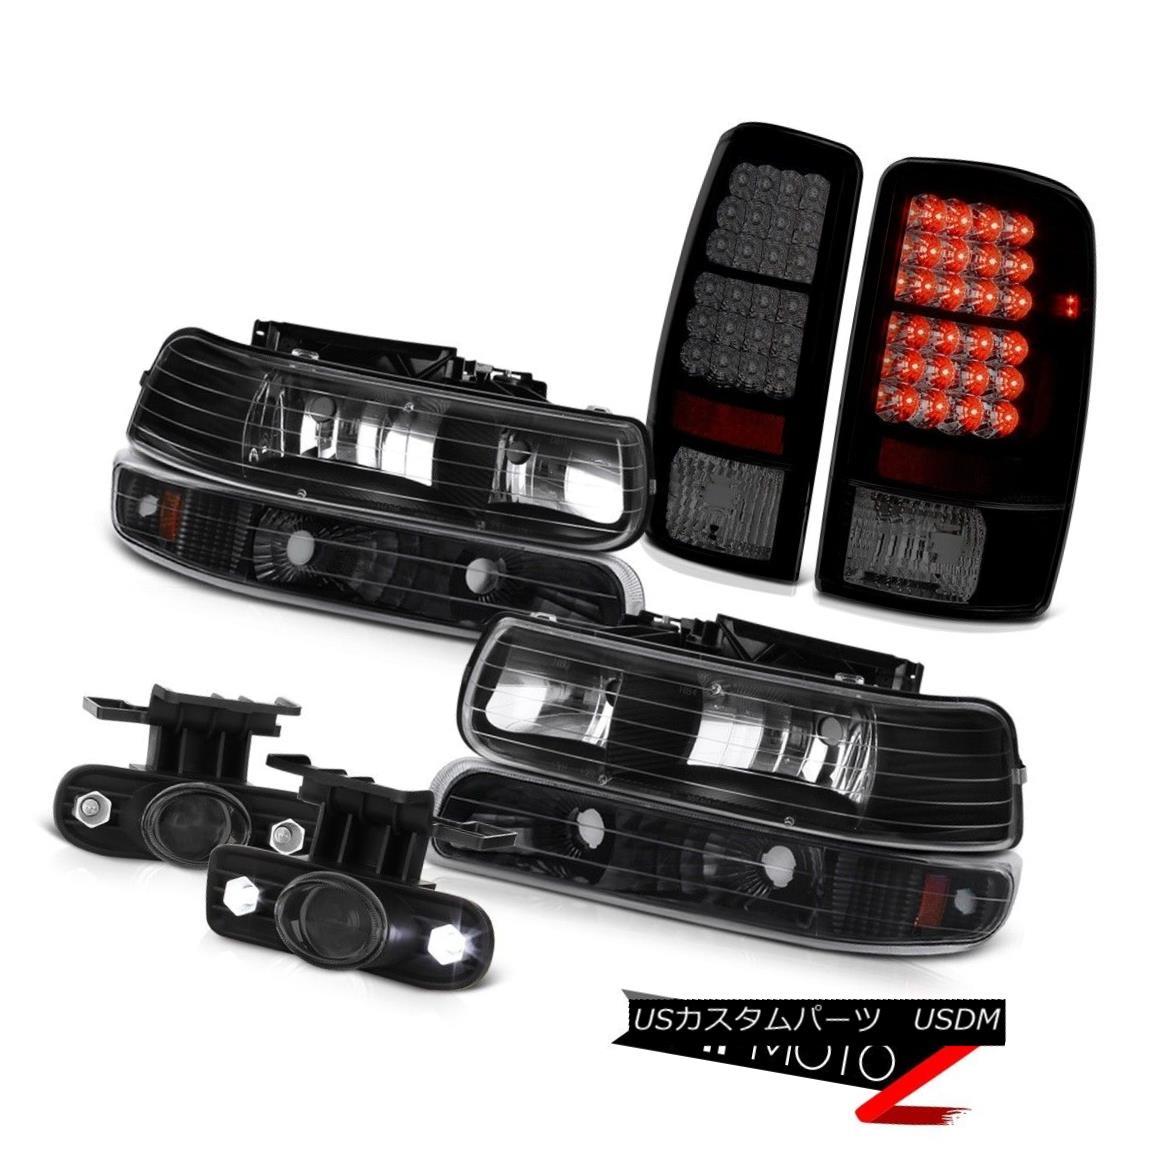 ヘッドライト 00 01 02 03 04 05 Tahoe 5.3L Left Right Headlight L.E.D Taillight Projector Fog 00 01 02 03 04 05タホー5.3L左ライトライトL.E.Dテールライトプロジェクターフォグ